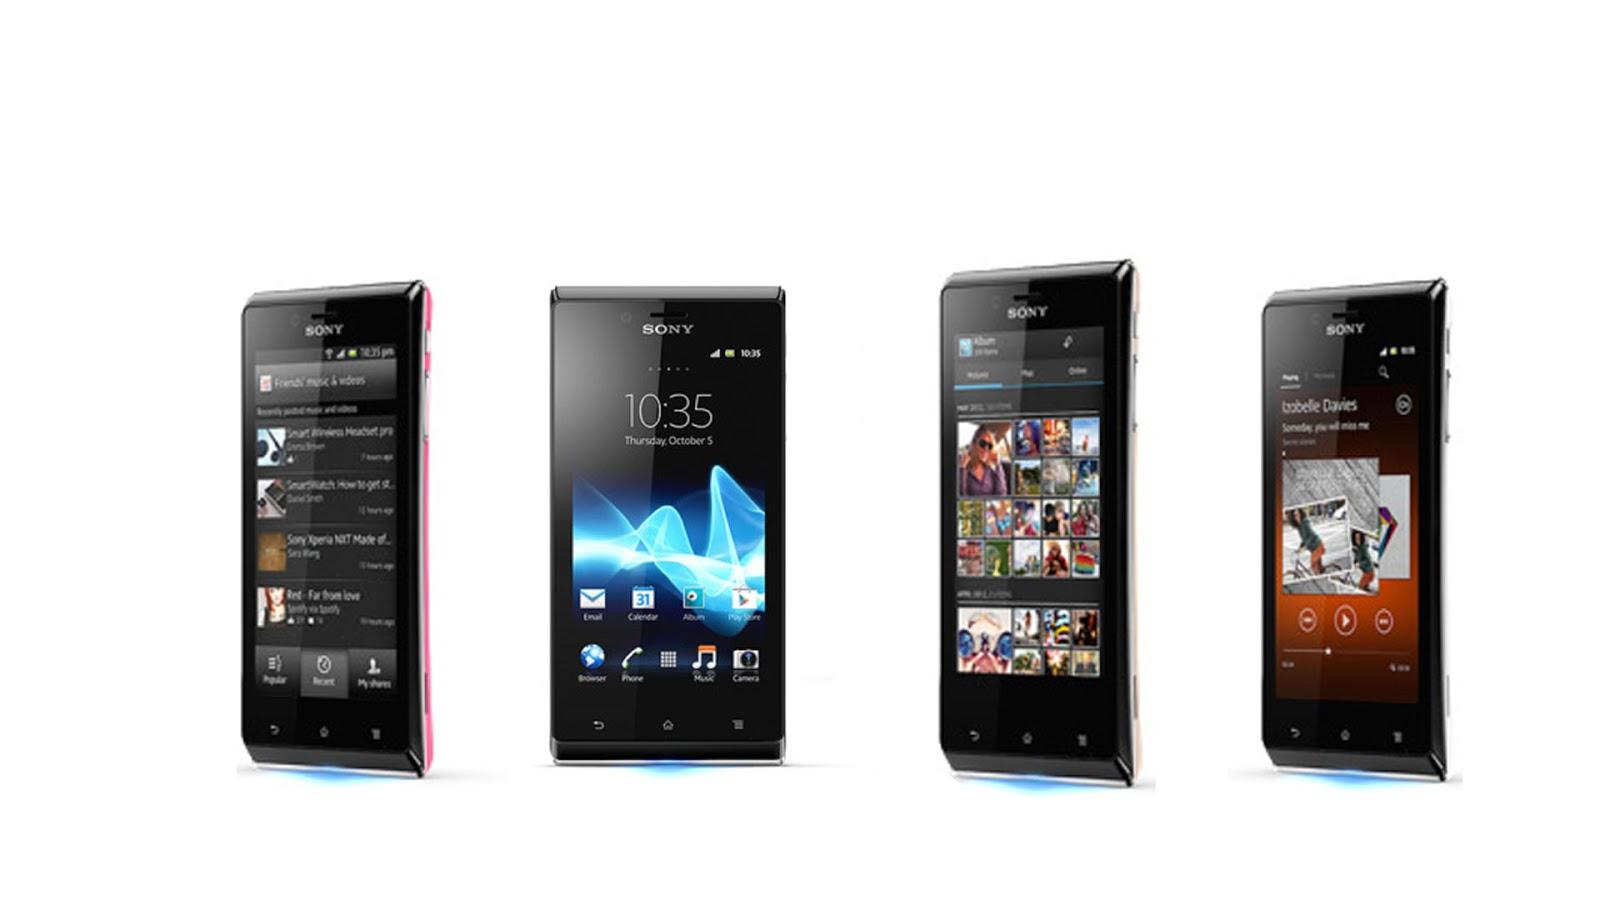 http://4.bp.blogspot.com/-BhZbJSk0XfA/URoSl_wz3nI/AAAAAAAADJM/D3BaRjrqbRM/s1600/New-Sony-Xperia-J-Wallpaper.jpg